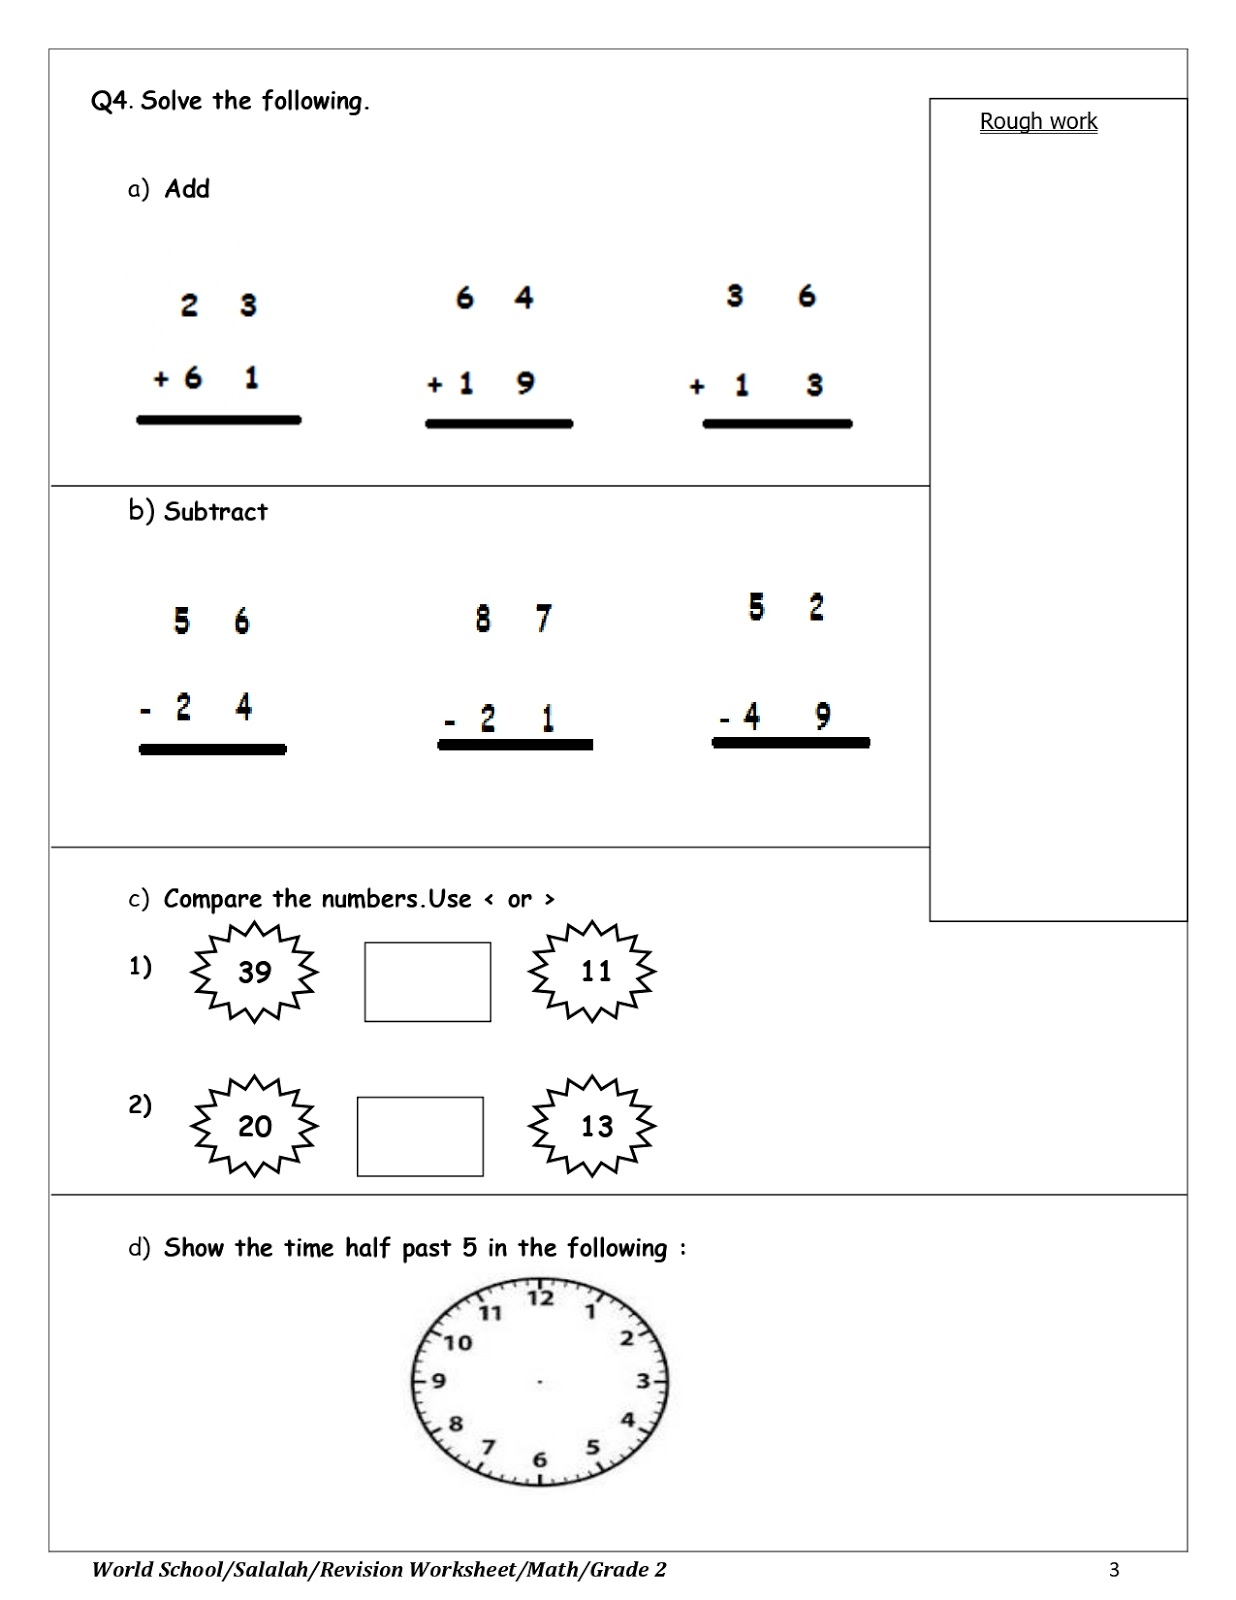 Birla World School Oman Revision Worksheet For Grade 2 23